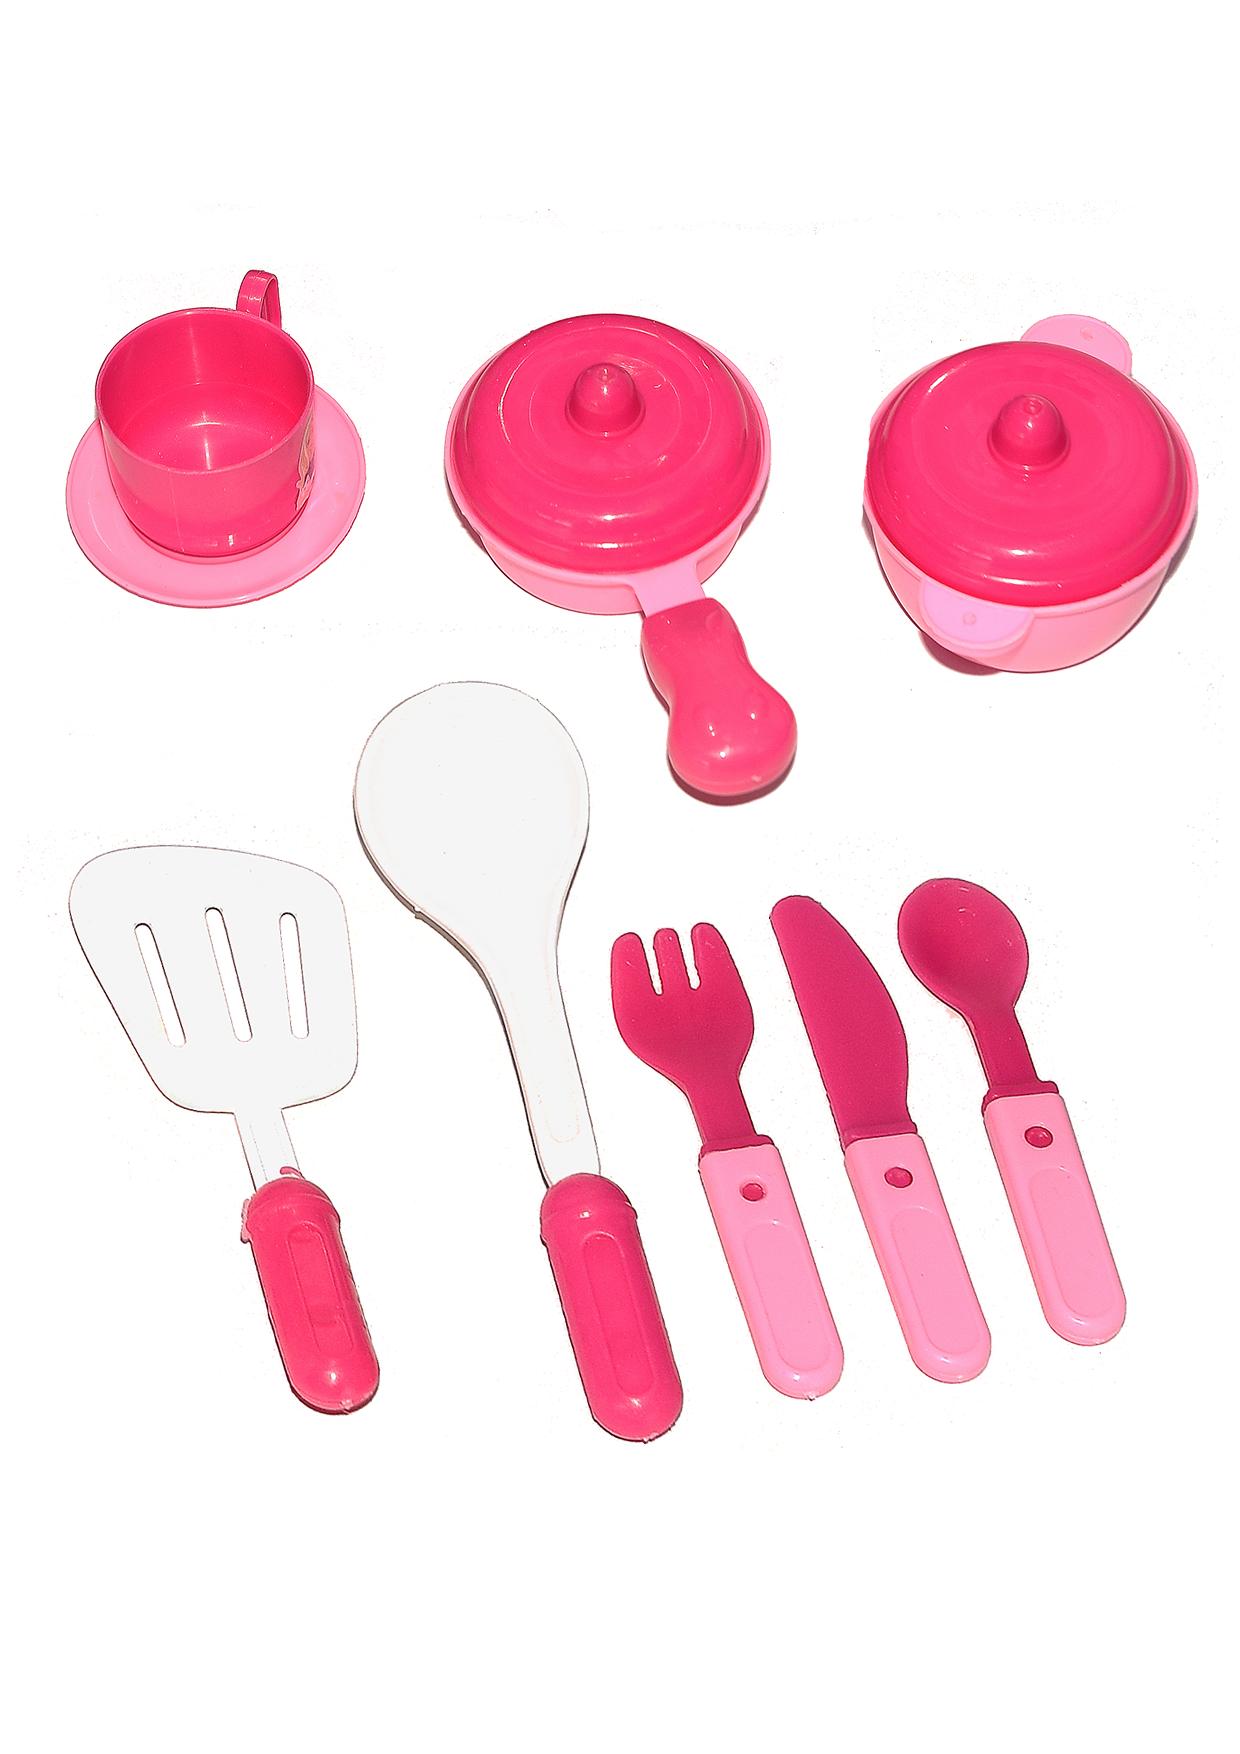 Kinder Küchenset Dietschys GmbH